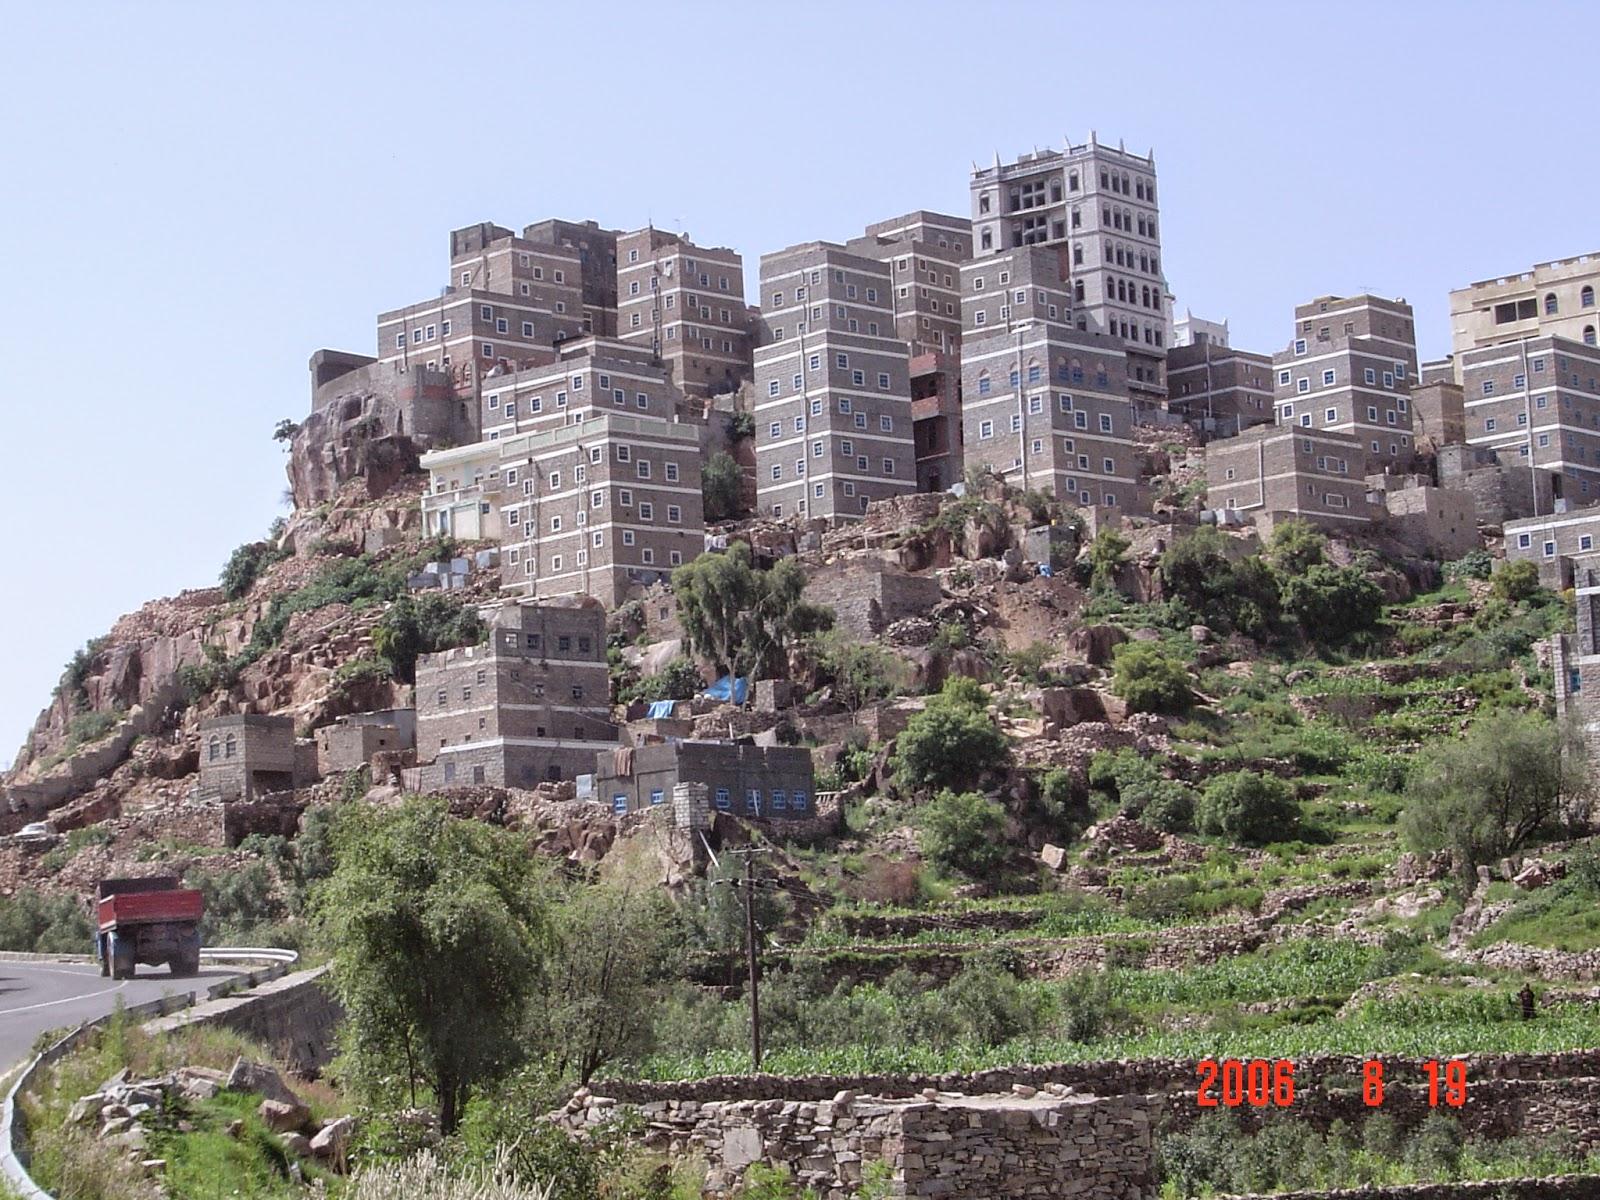 بالصور صور من اليمن , اجمل ما يميز اليمن 3698 4